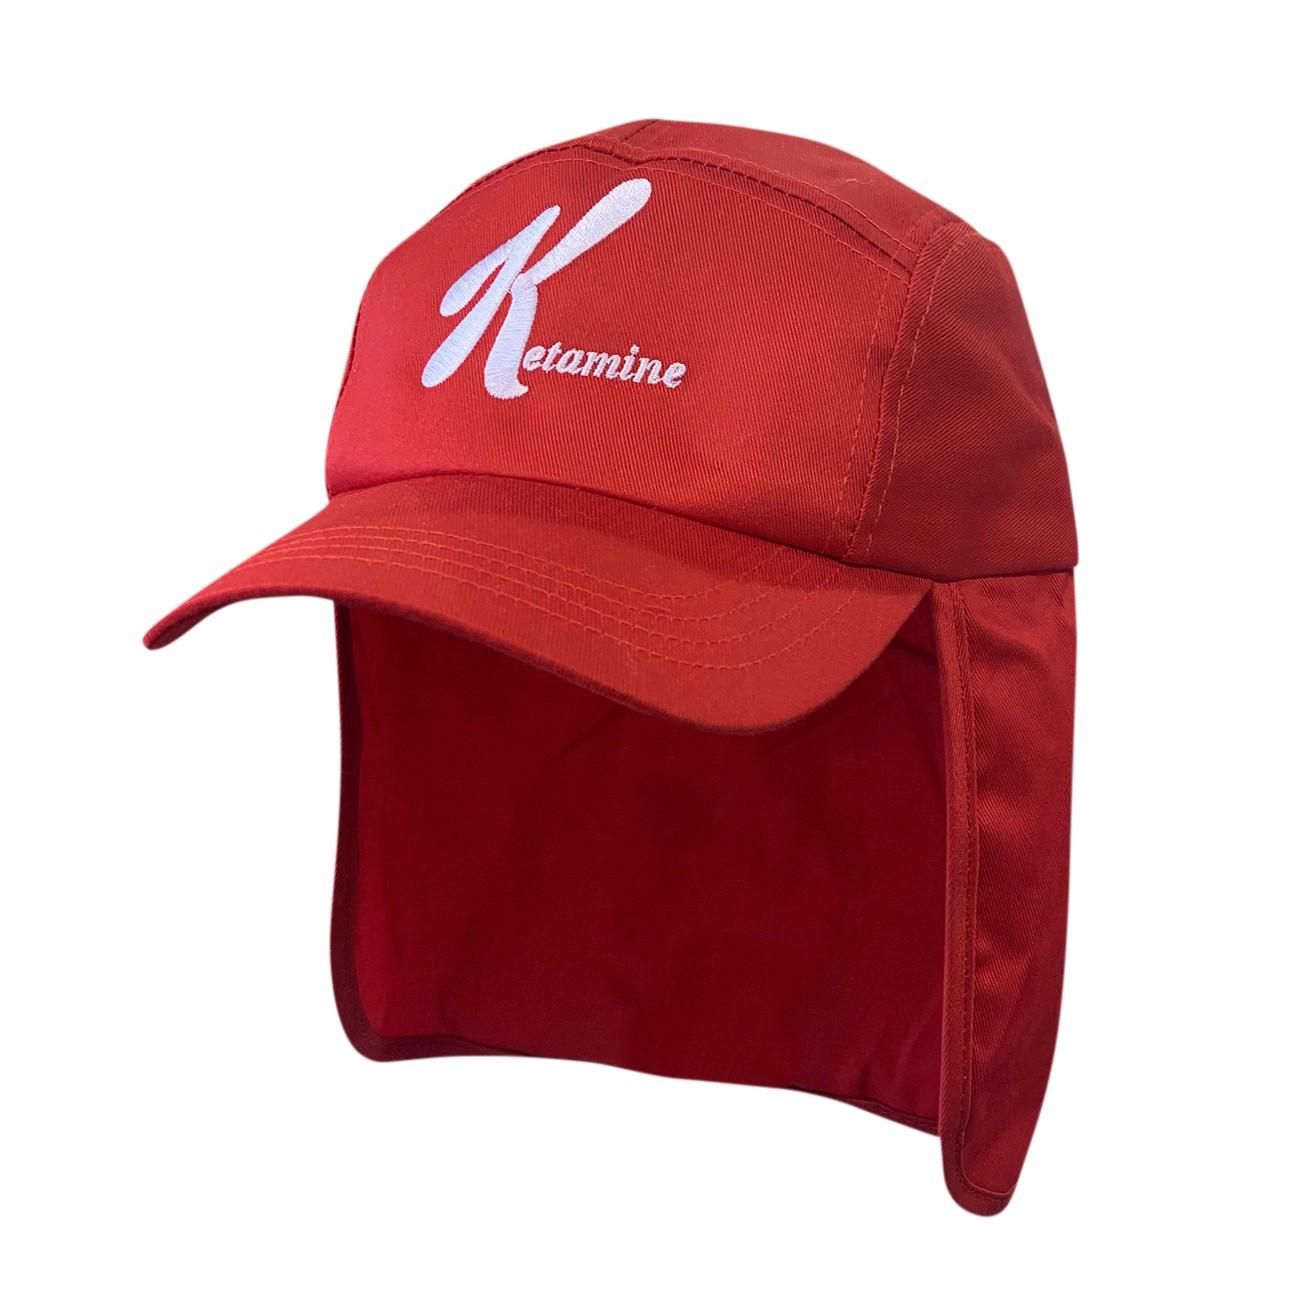 KETAMINE RED LEGIONNAIRES HAT